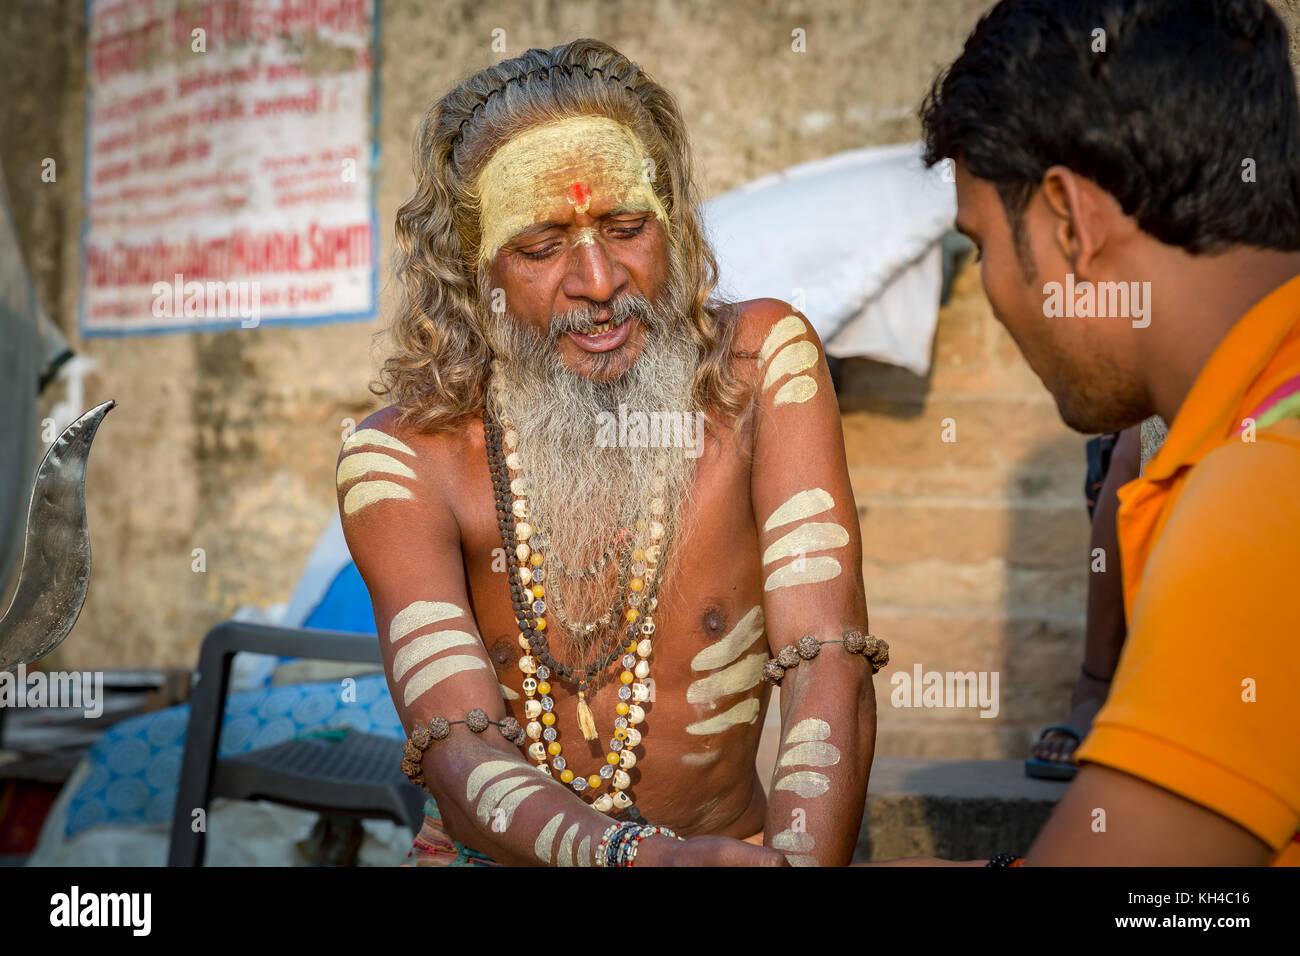 Varanasi sadhu man preaching a youth at the Ganges river bank Varanasi India - Stock Image